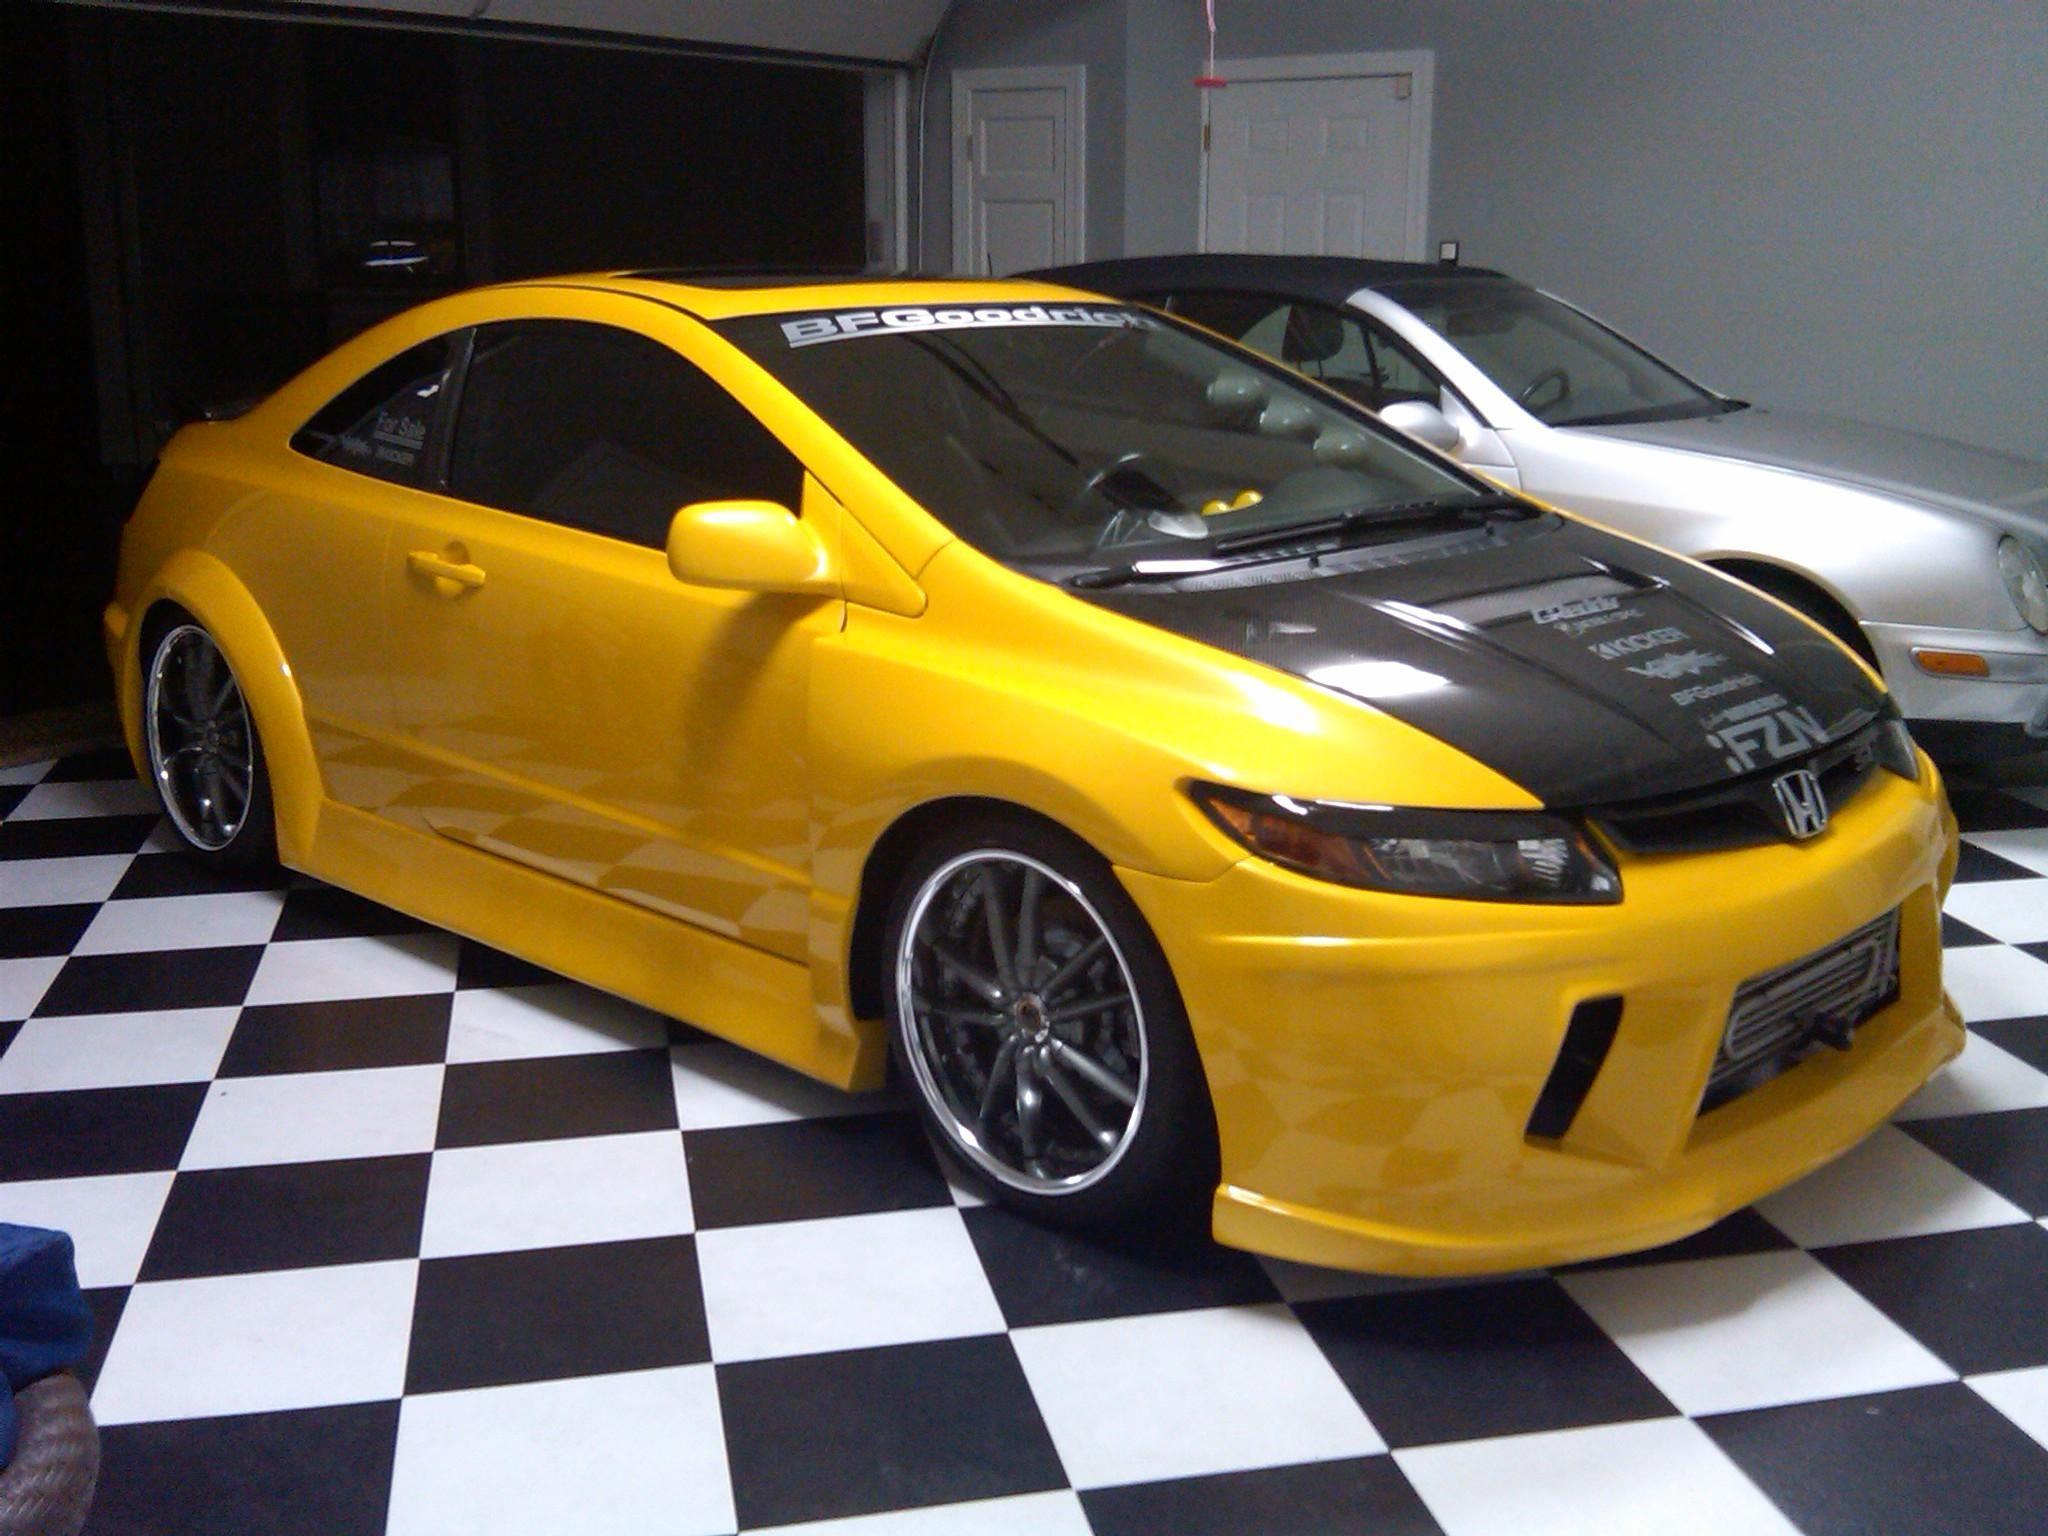 Yellow Honda Civic Si 197 Honda civic si, Honda civic, Honda